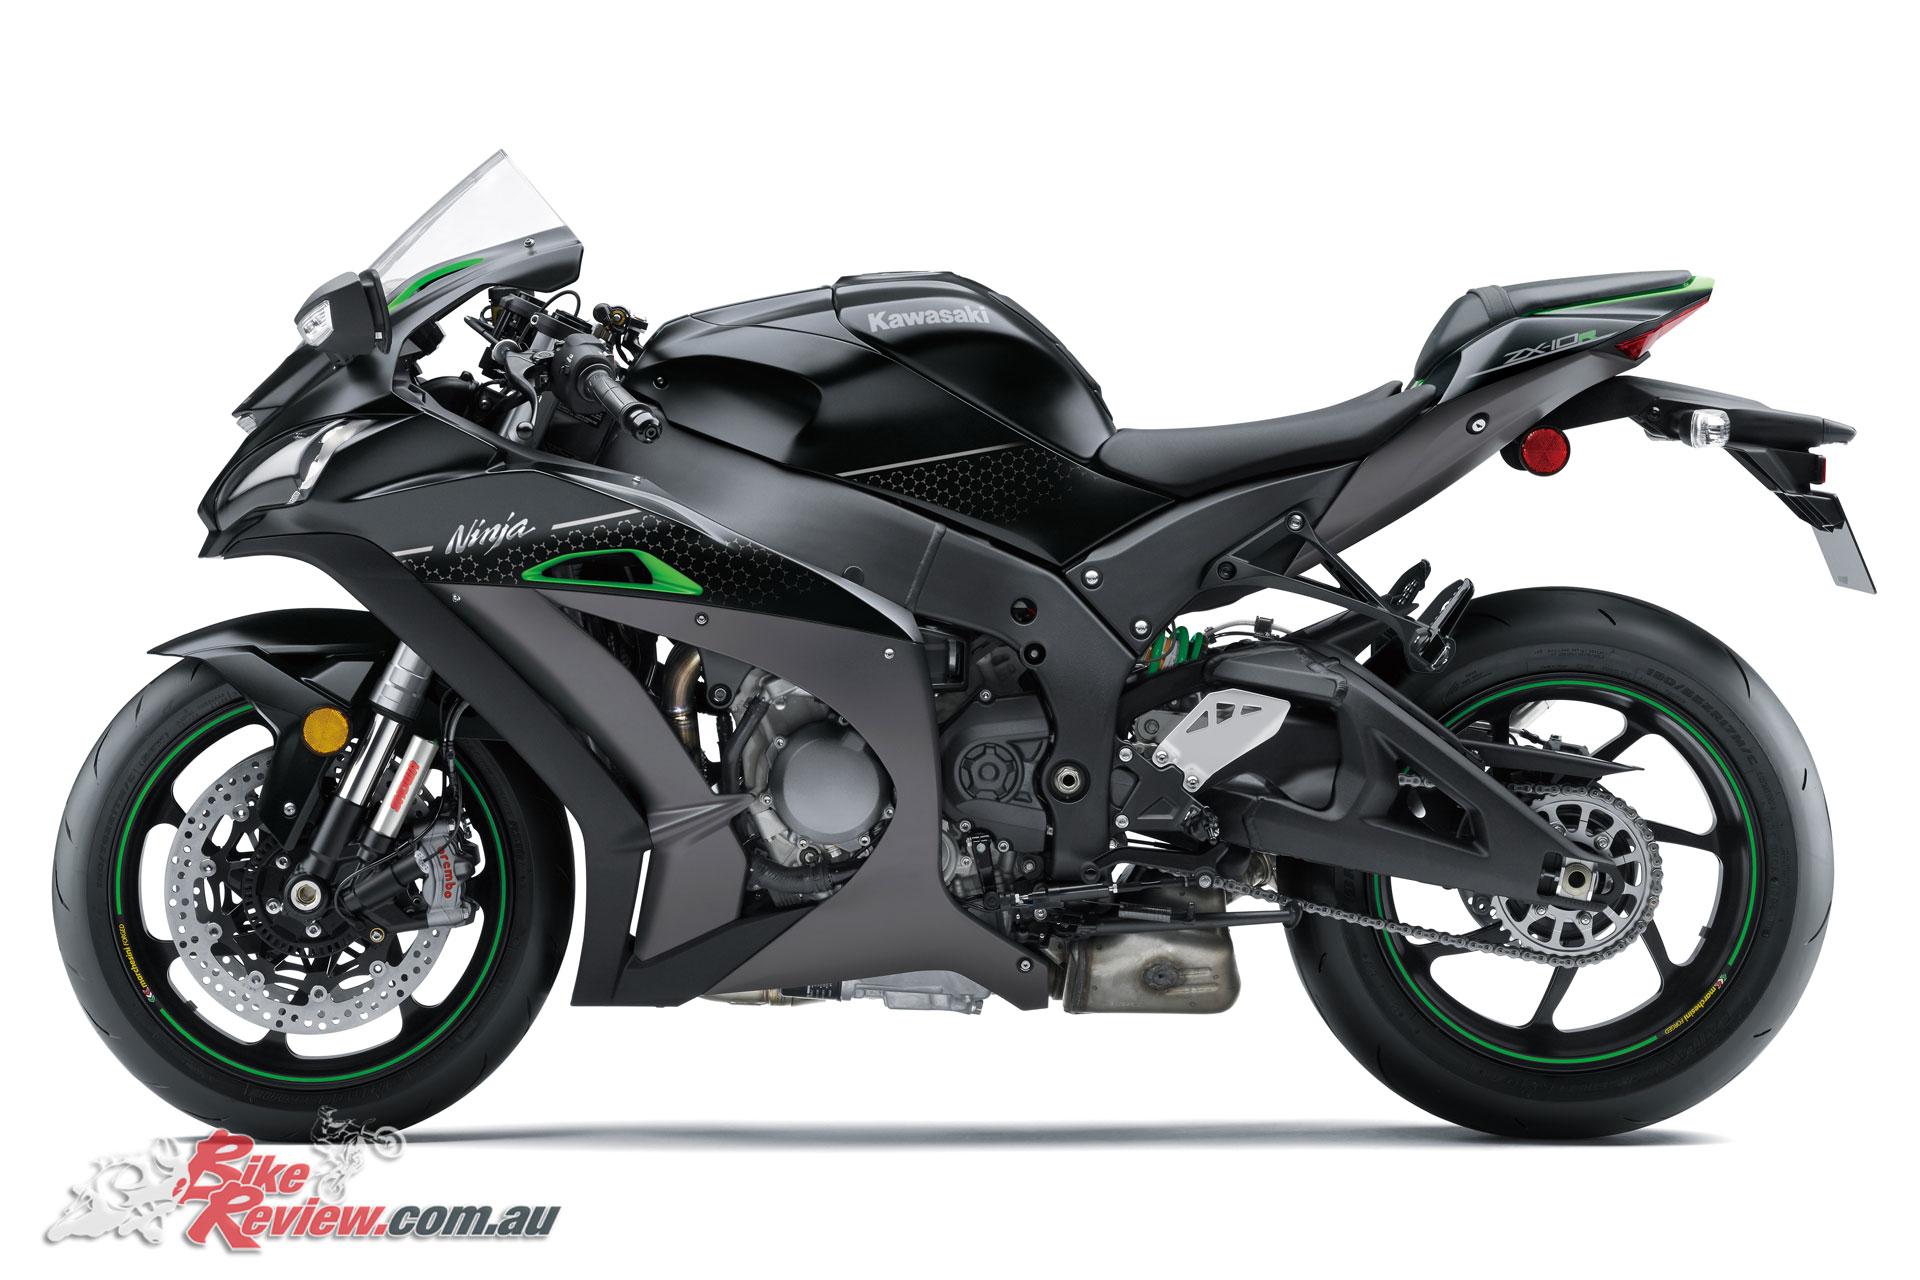 Kawasaki Ninja R Special Edition Review